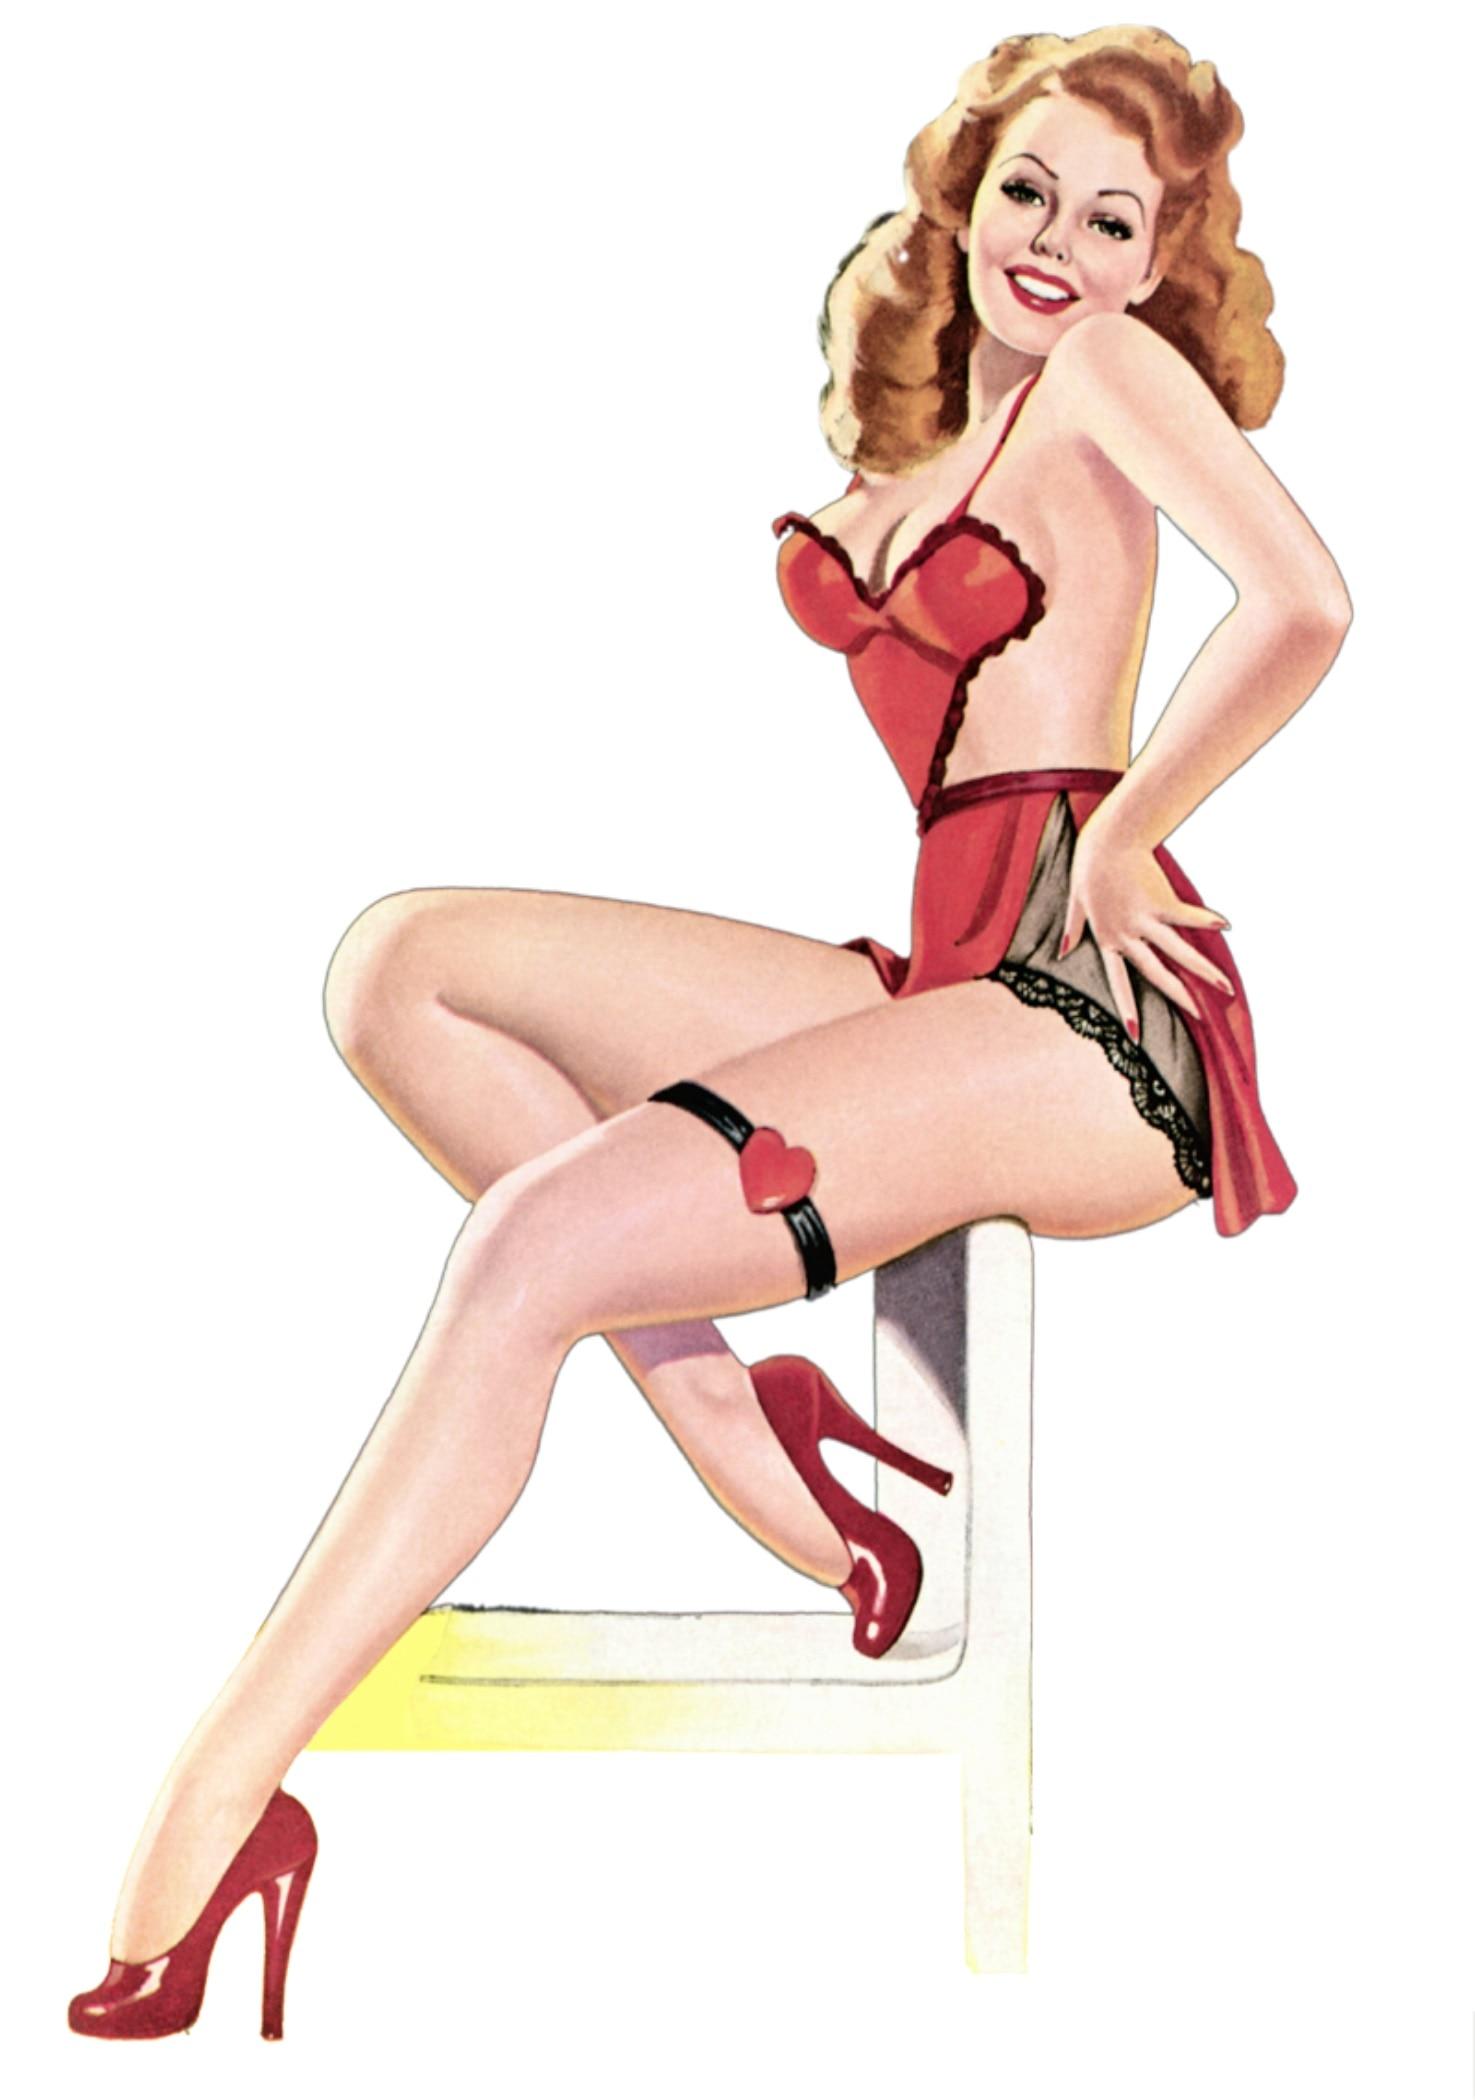 Девушка в красном нижнем белье пин ап с телефоном фото фото 47-129